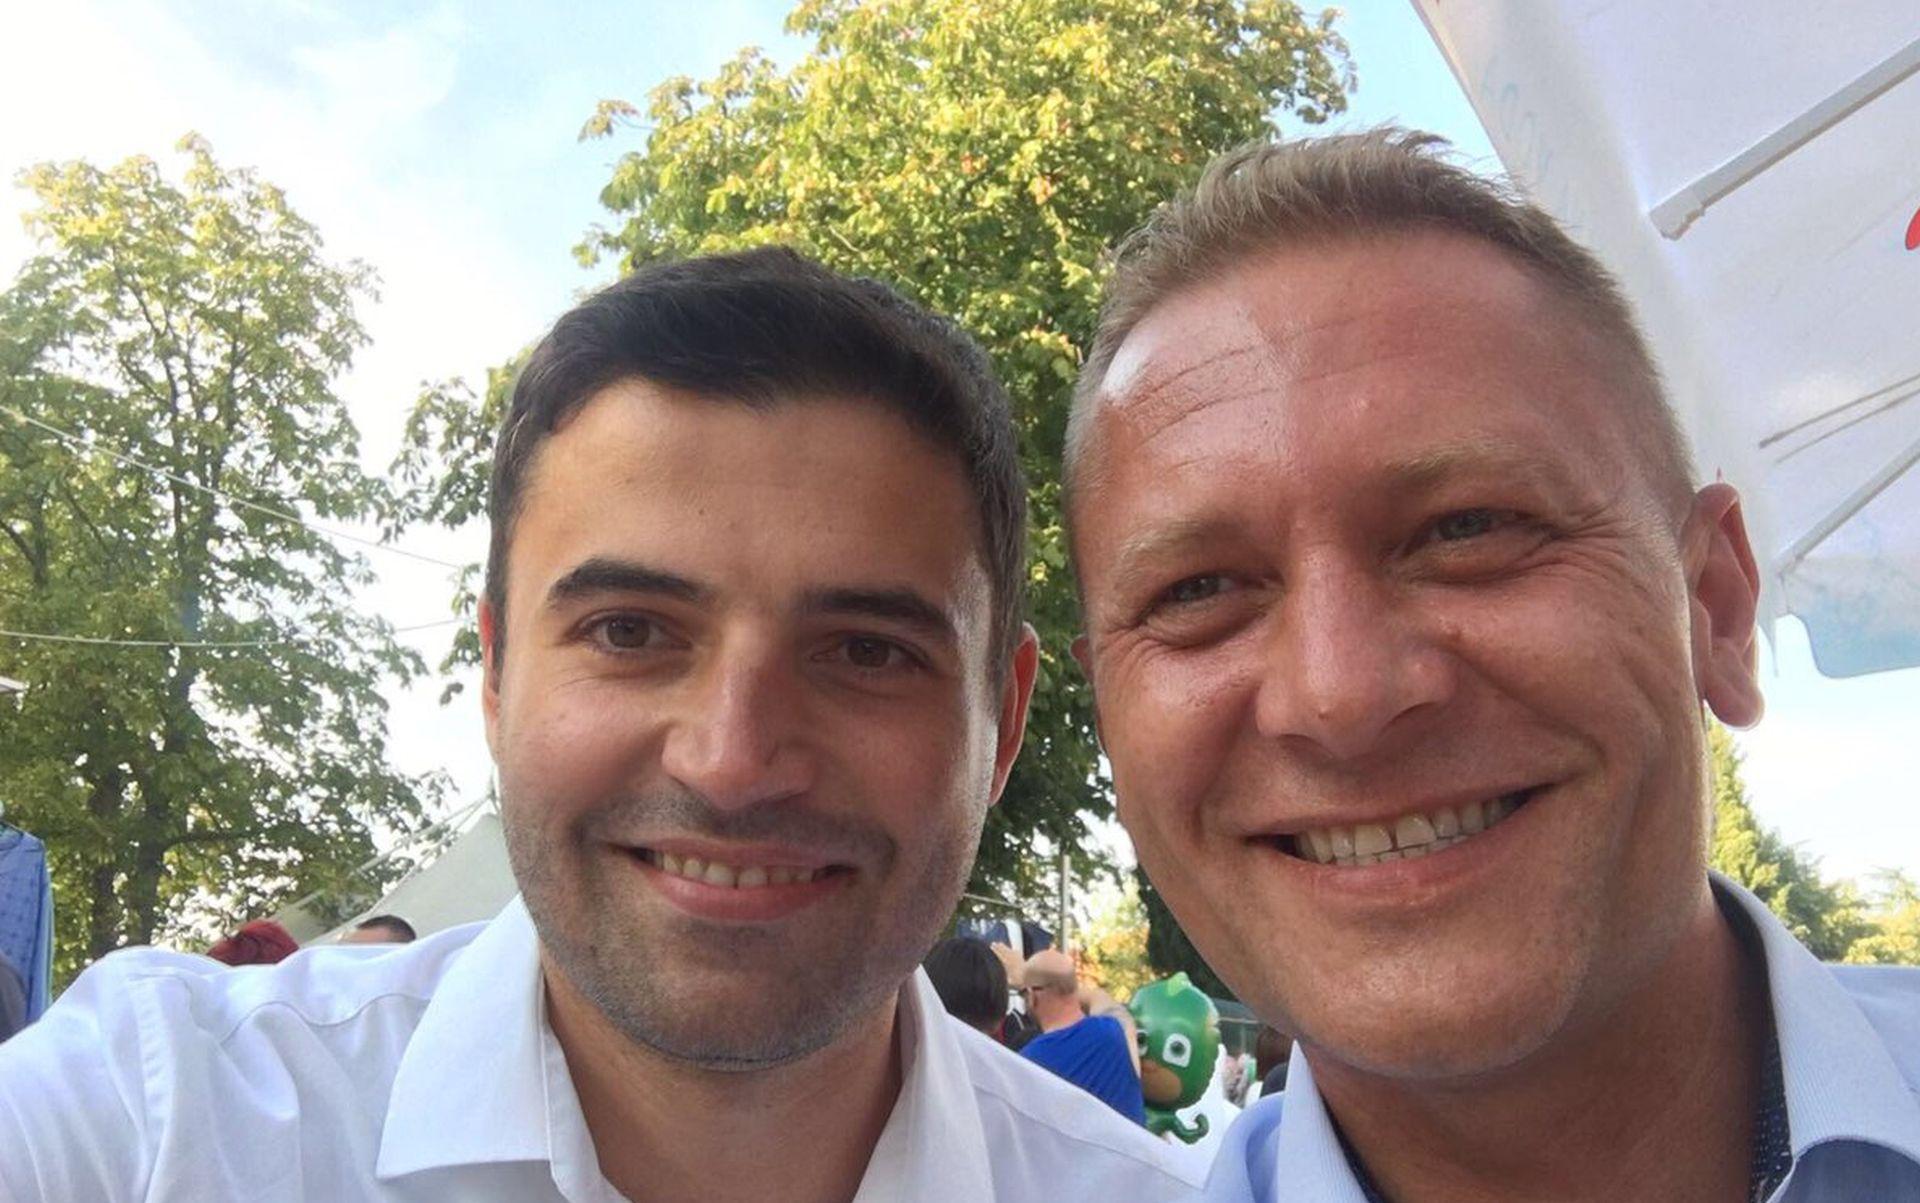 OPORBENE ŠALE I POŠALICE Beljak (HSS) tvitom podbada Bernardića (SDP)